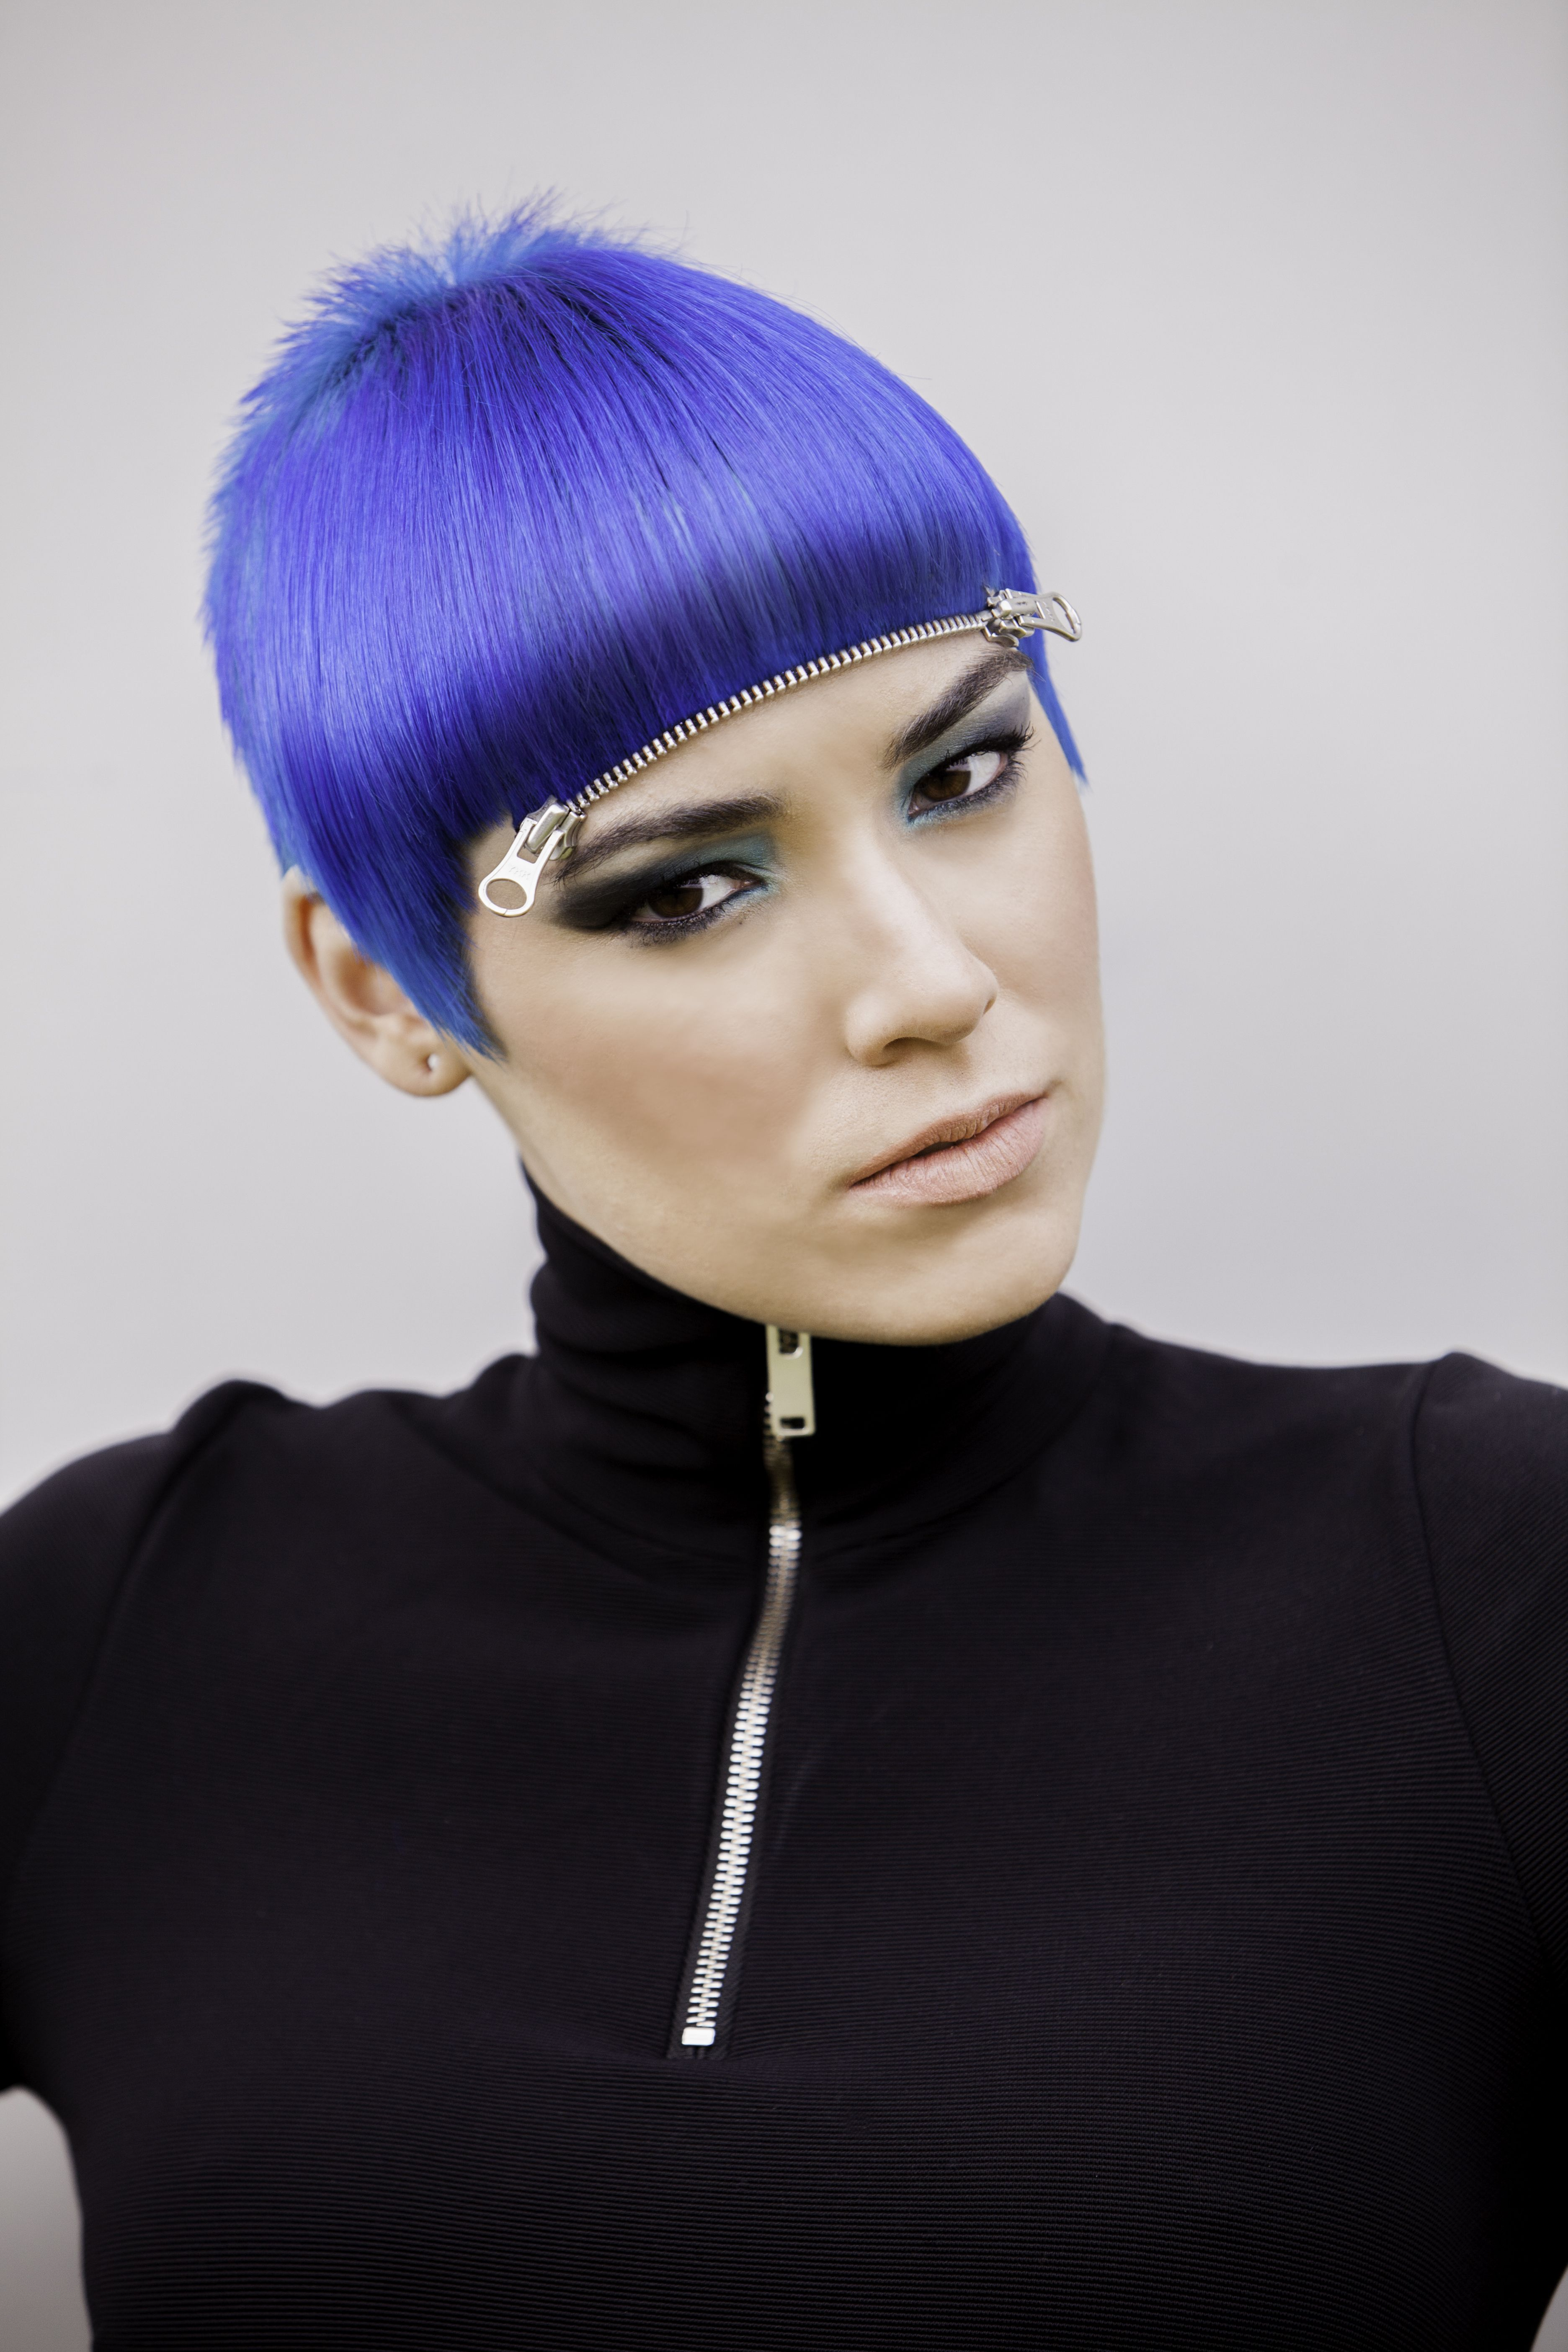 Blue hair & zip